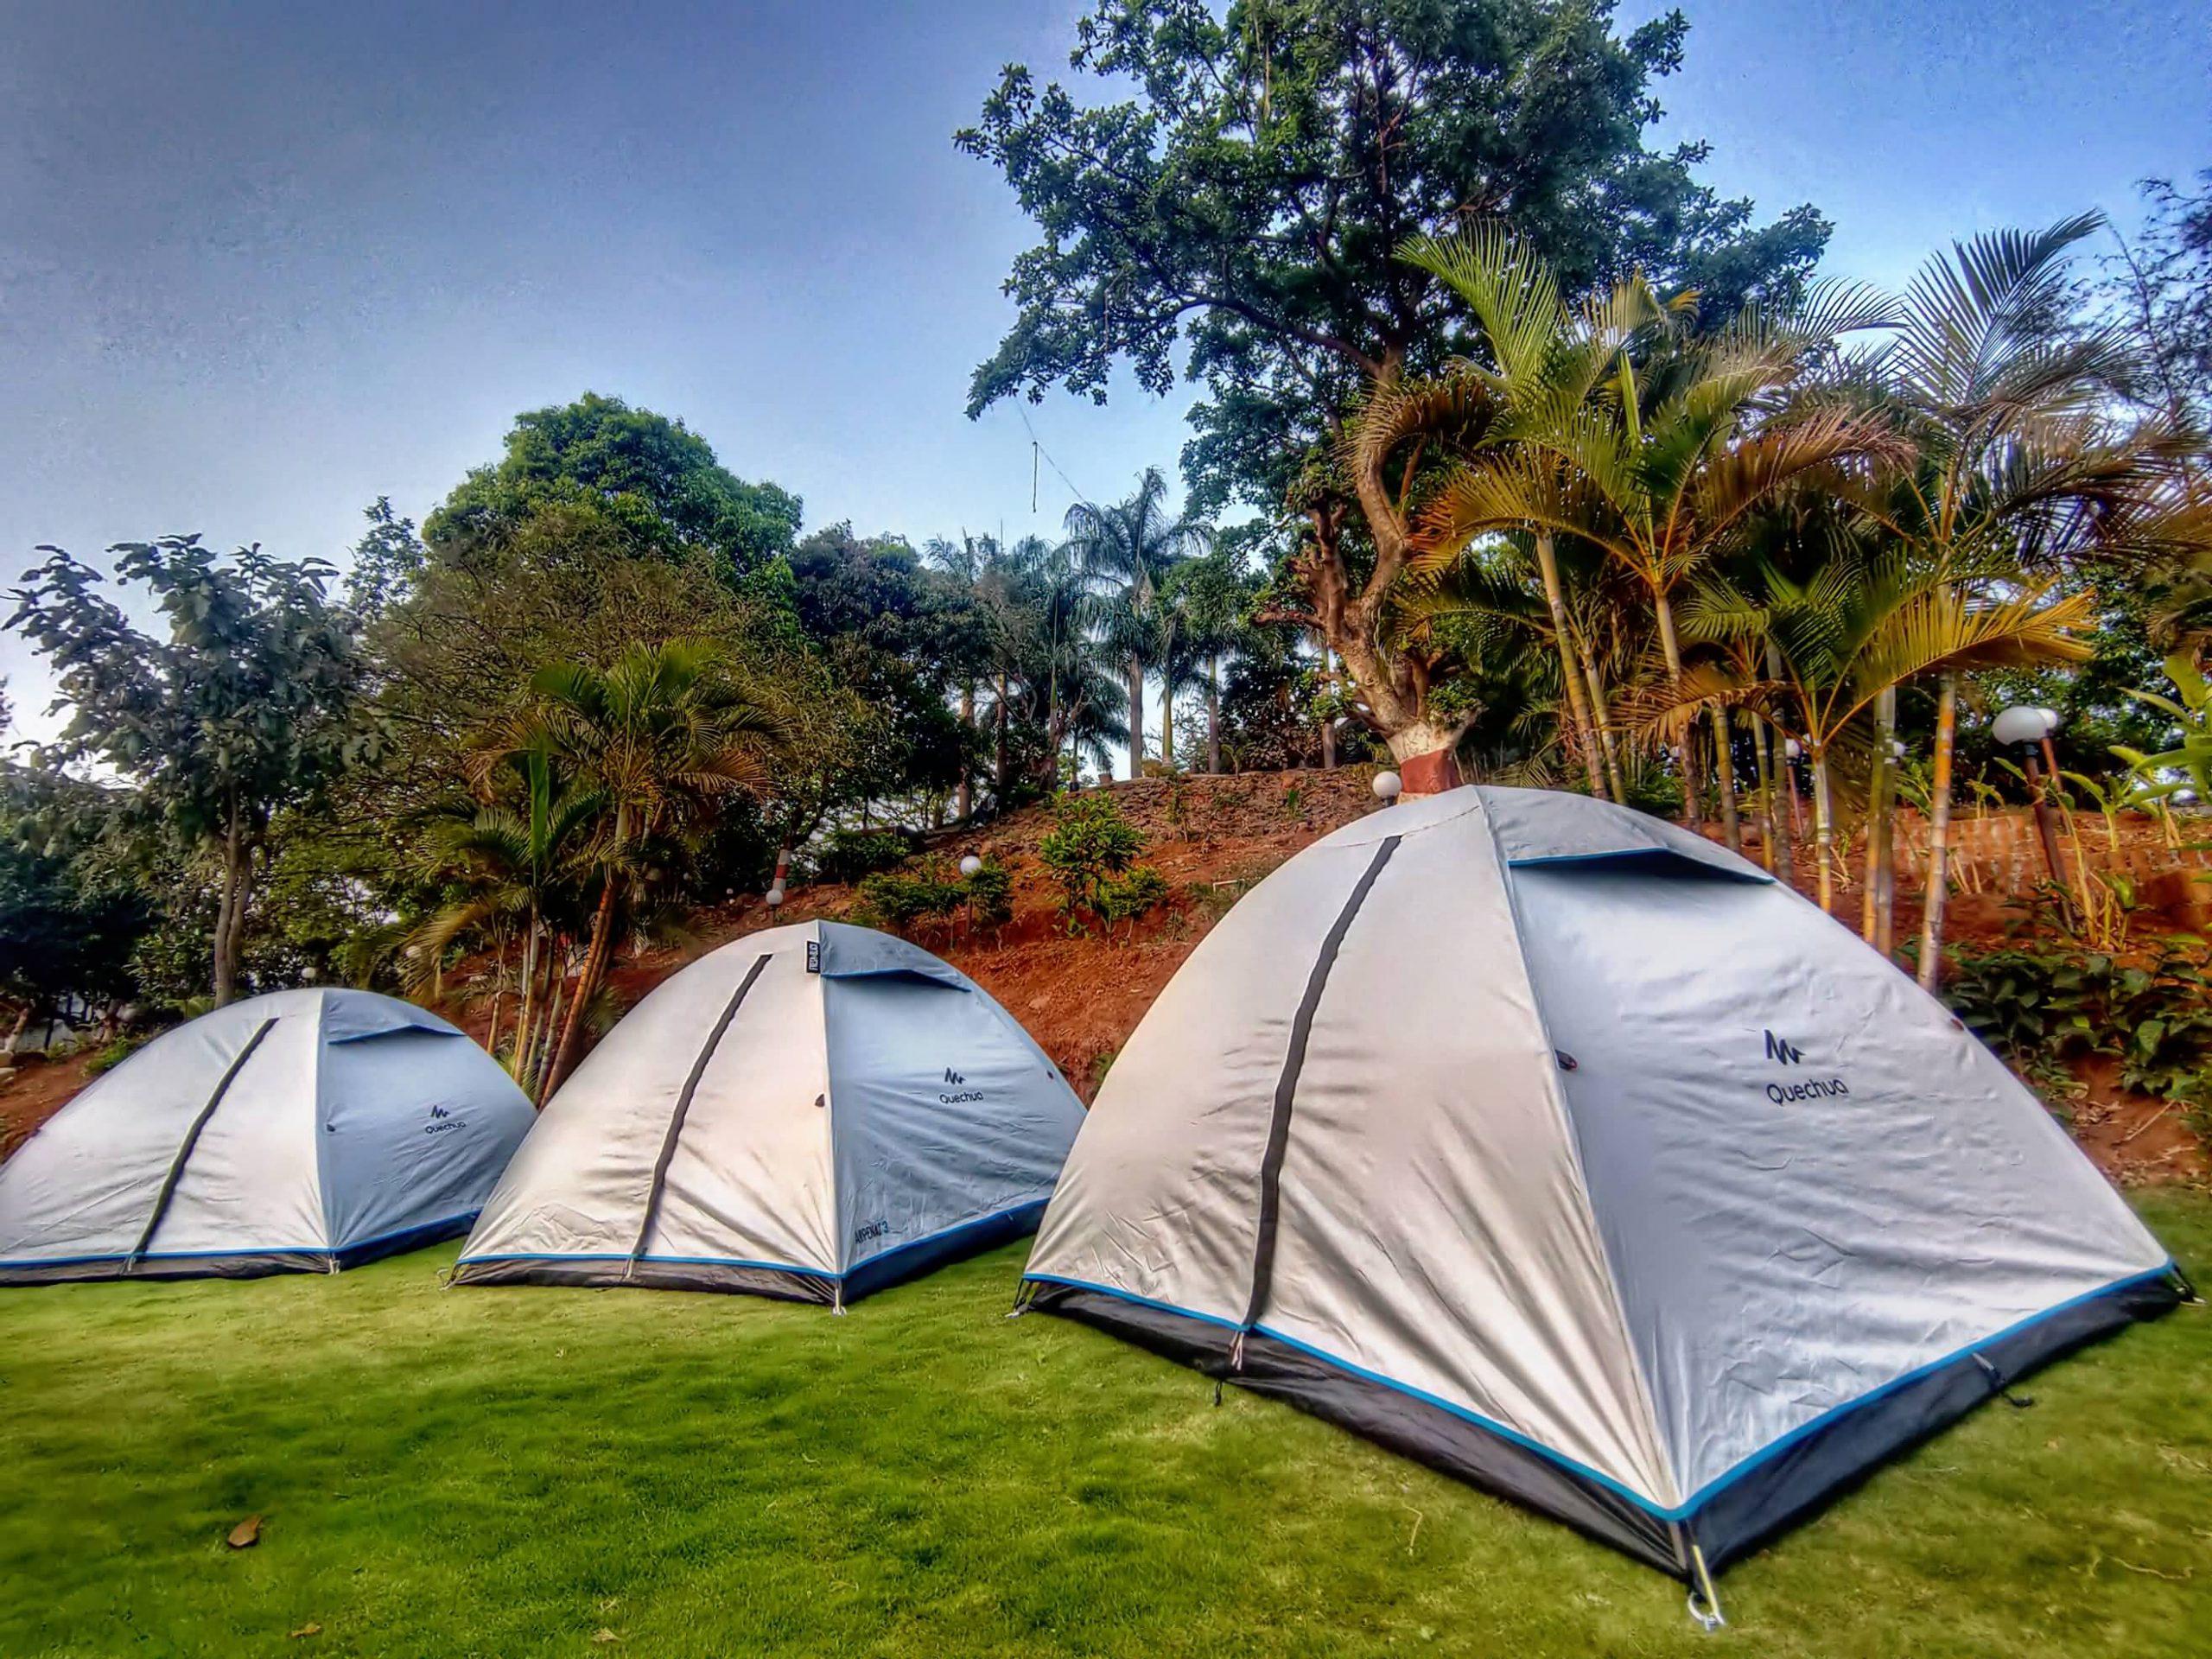 Tent Camping at HAVE Villas JMD Farm, Pawna Lake